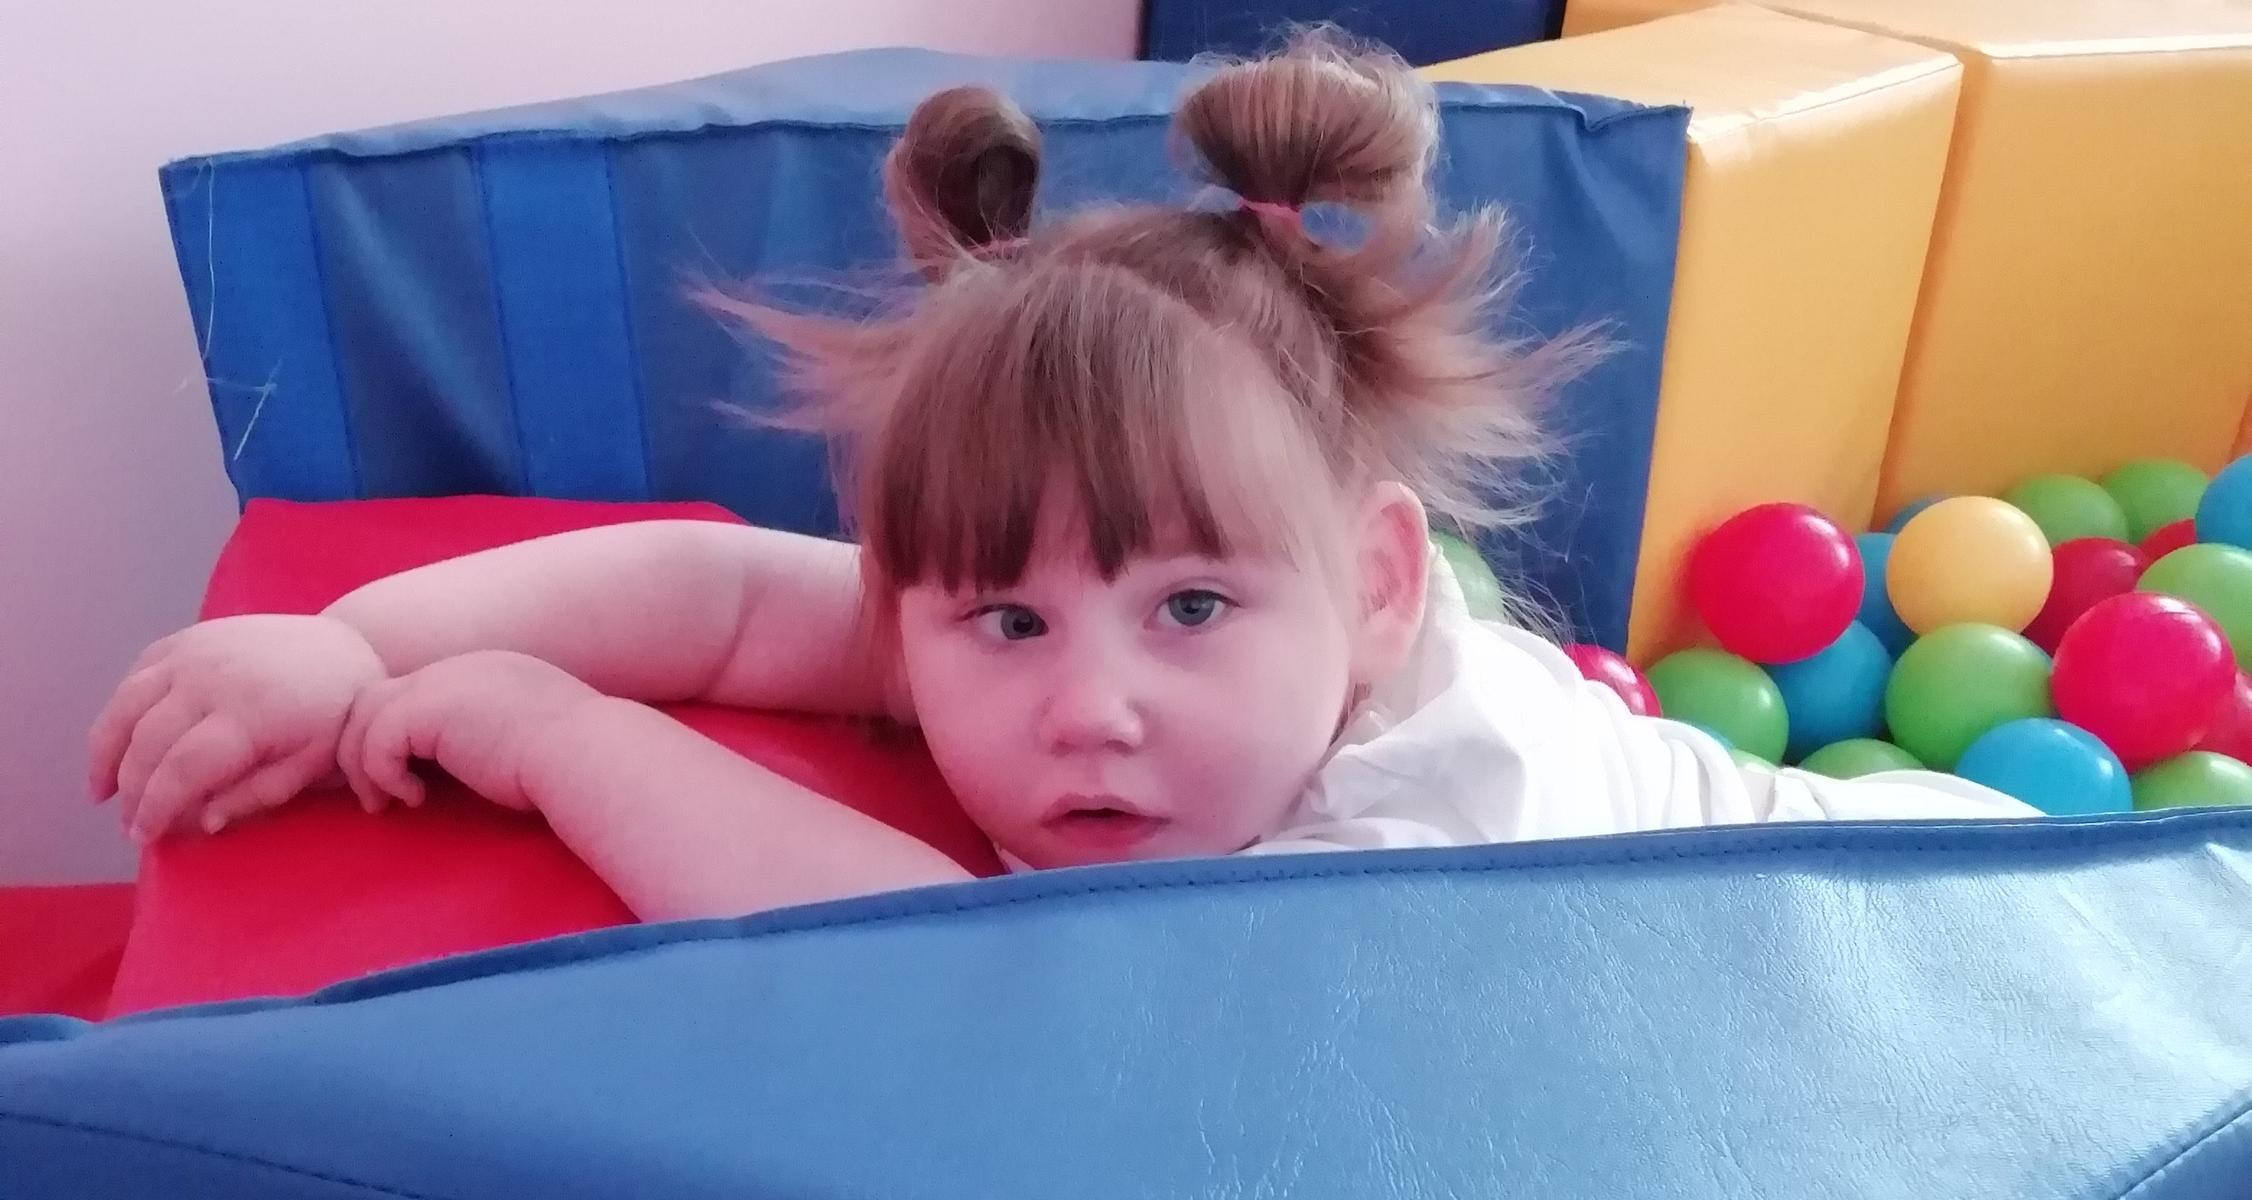 «Всё время лежа»: почти 3 года маленькая Сонечка Микрюкова не могла и по-прежнему не может сидеть. Нужна Ваша помощь!